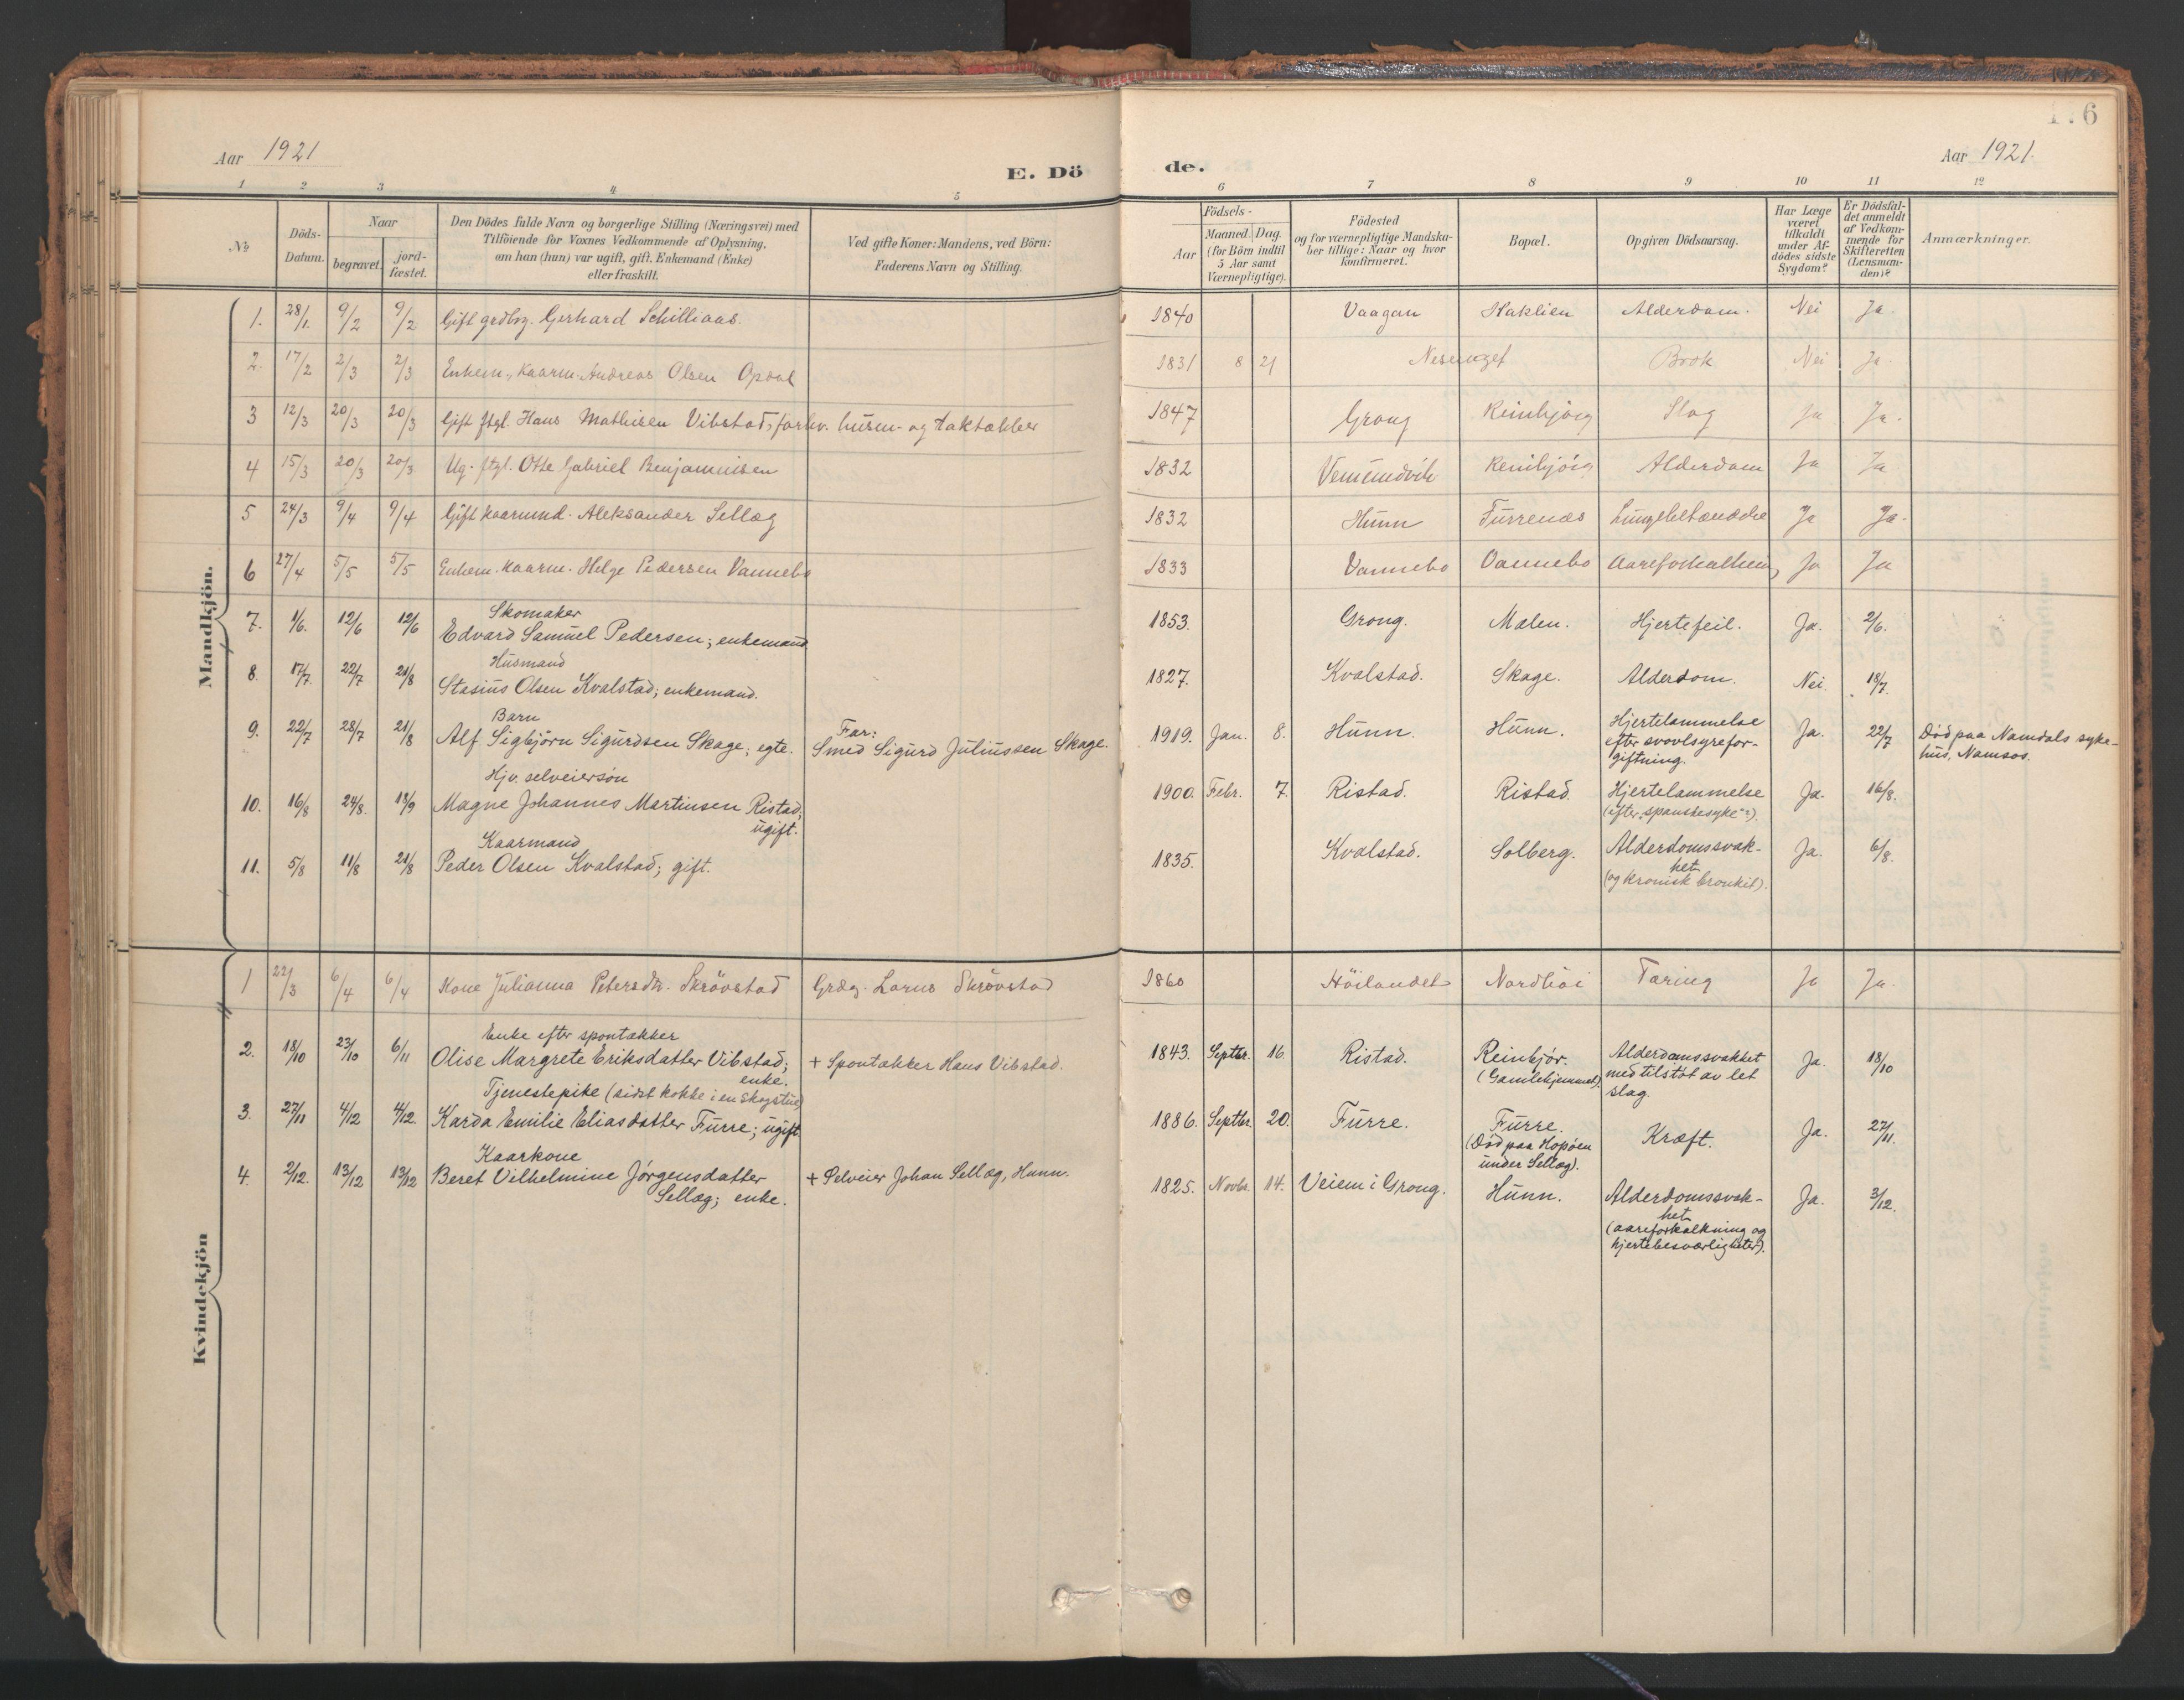 SAT, Ministerialprotokoller, klokkerbøker og fødselsregistre - Nord-Trøndelag, 766/L0564: Ministerialbok nr. 767A02, 1900-1932, s. 176